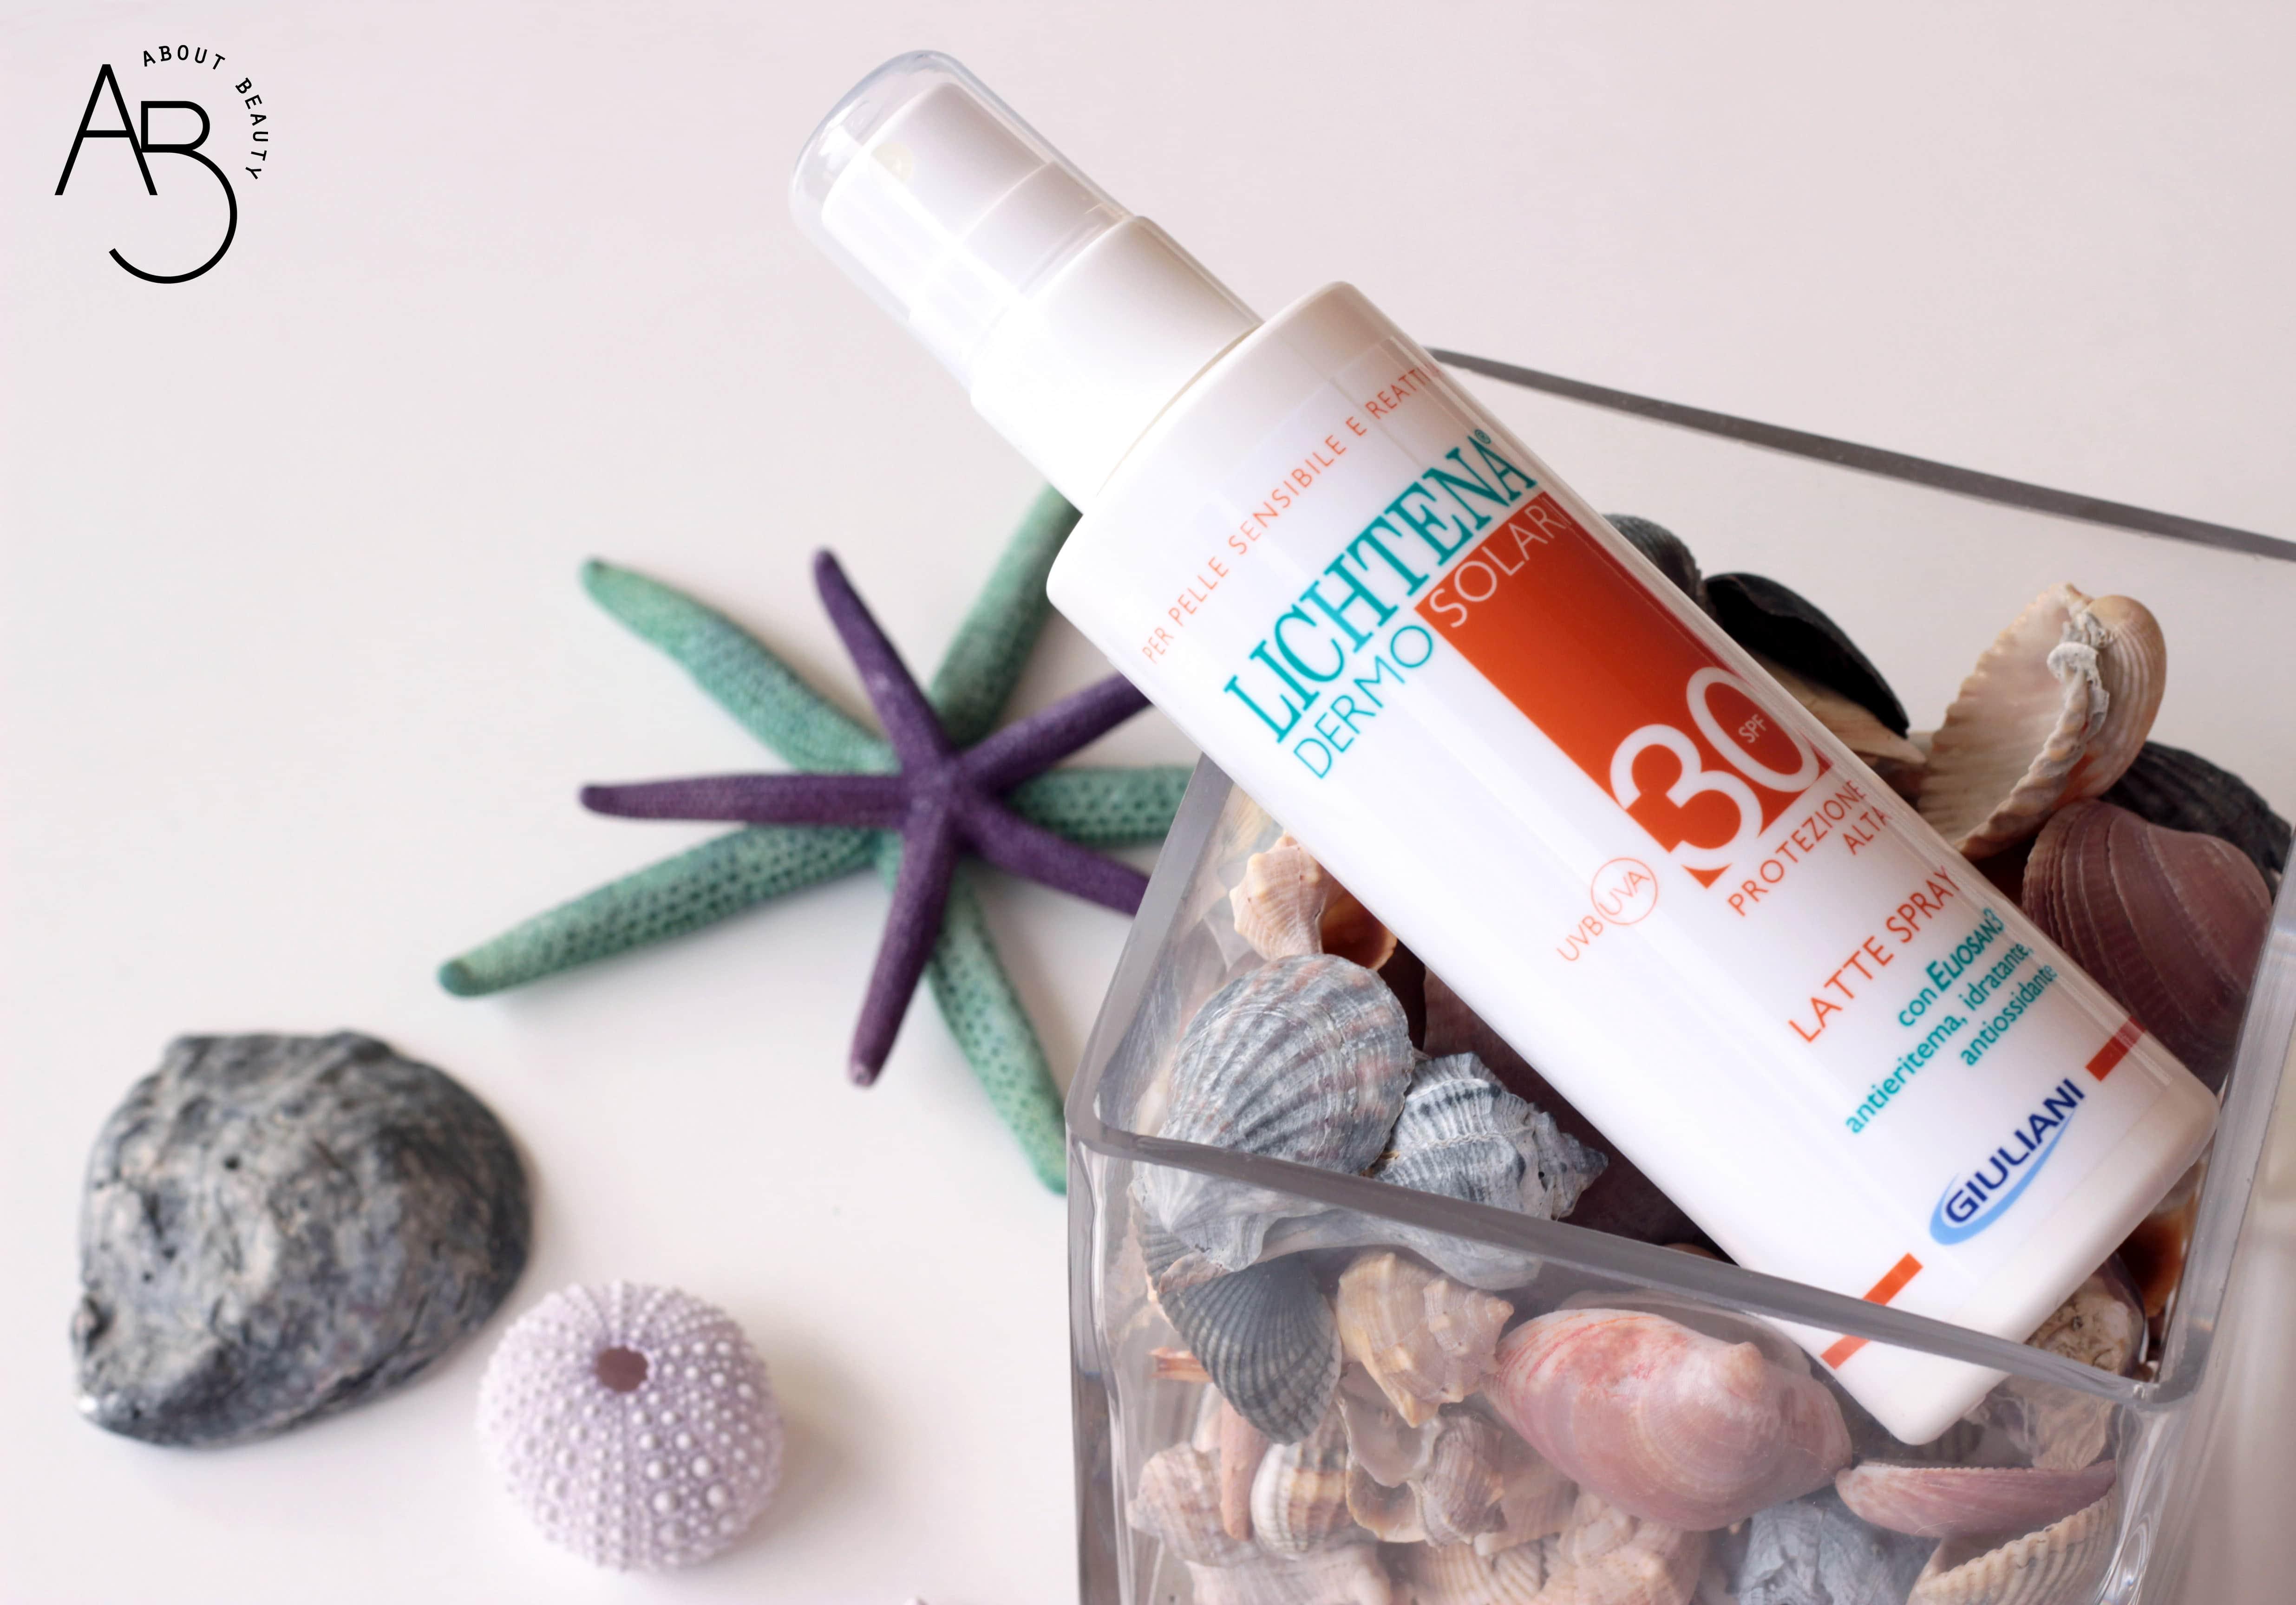 Lichtena® Dermosolari Latte Spray SPF 30 - Recensione, review, opinioni, info, prezzo, dove acquistare